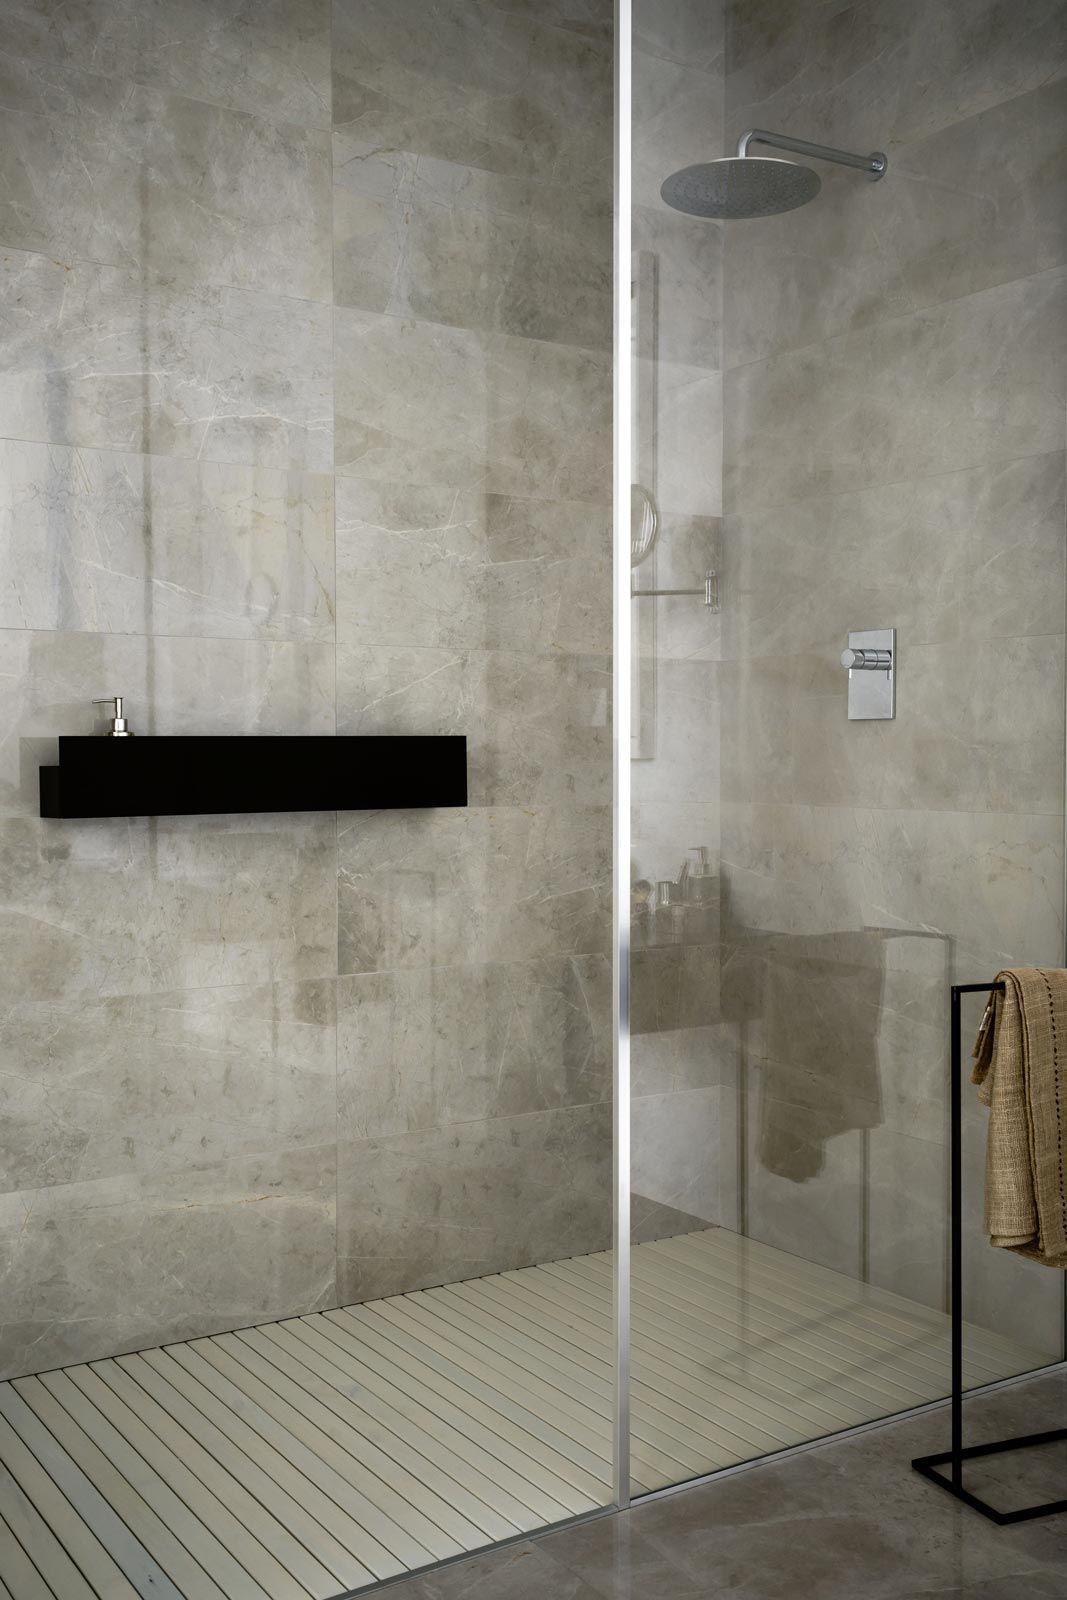 Badezimmer ideen schwarz und gold evolutionmarble rivestimento keramikfliesen marazzi  badideen